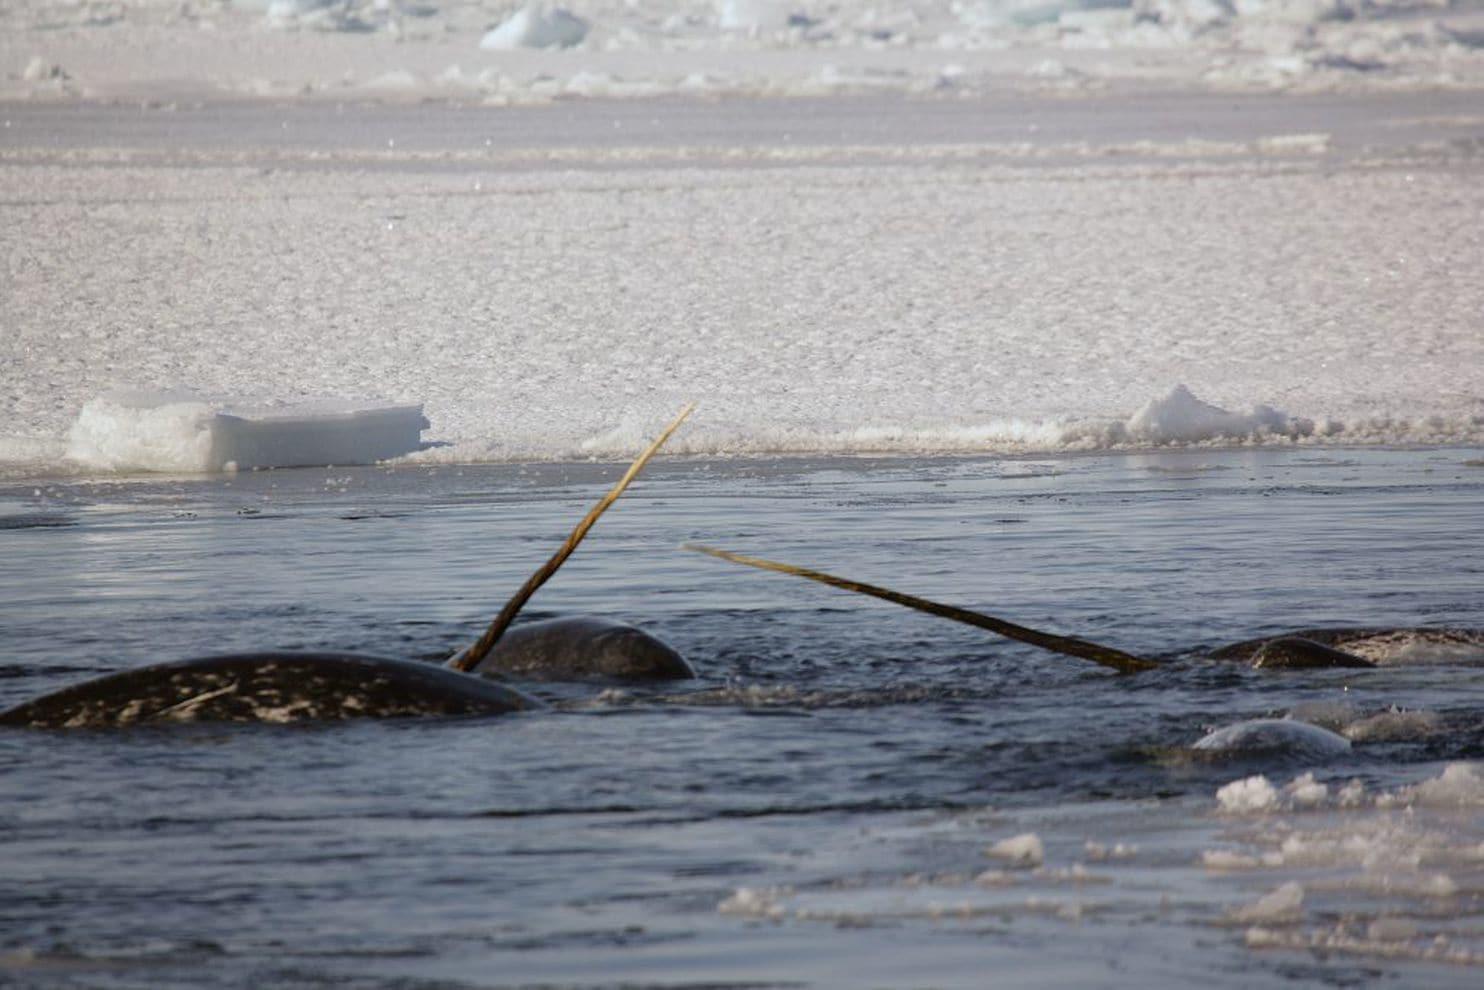 Narwhals off Greenland. (Mads Peter Heide-Jørgensen)